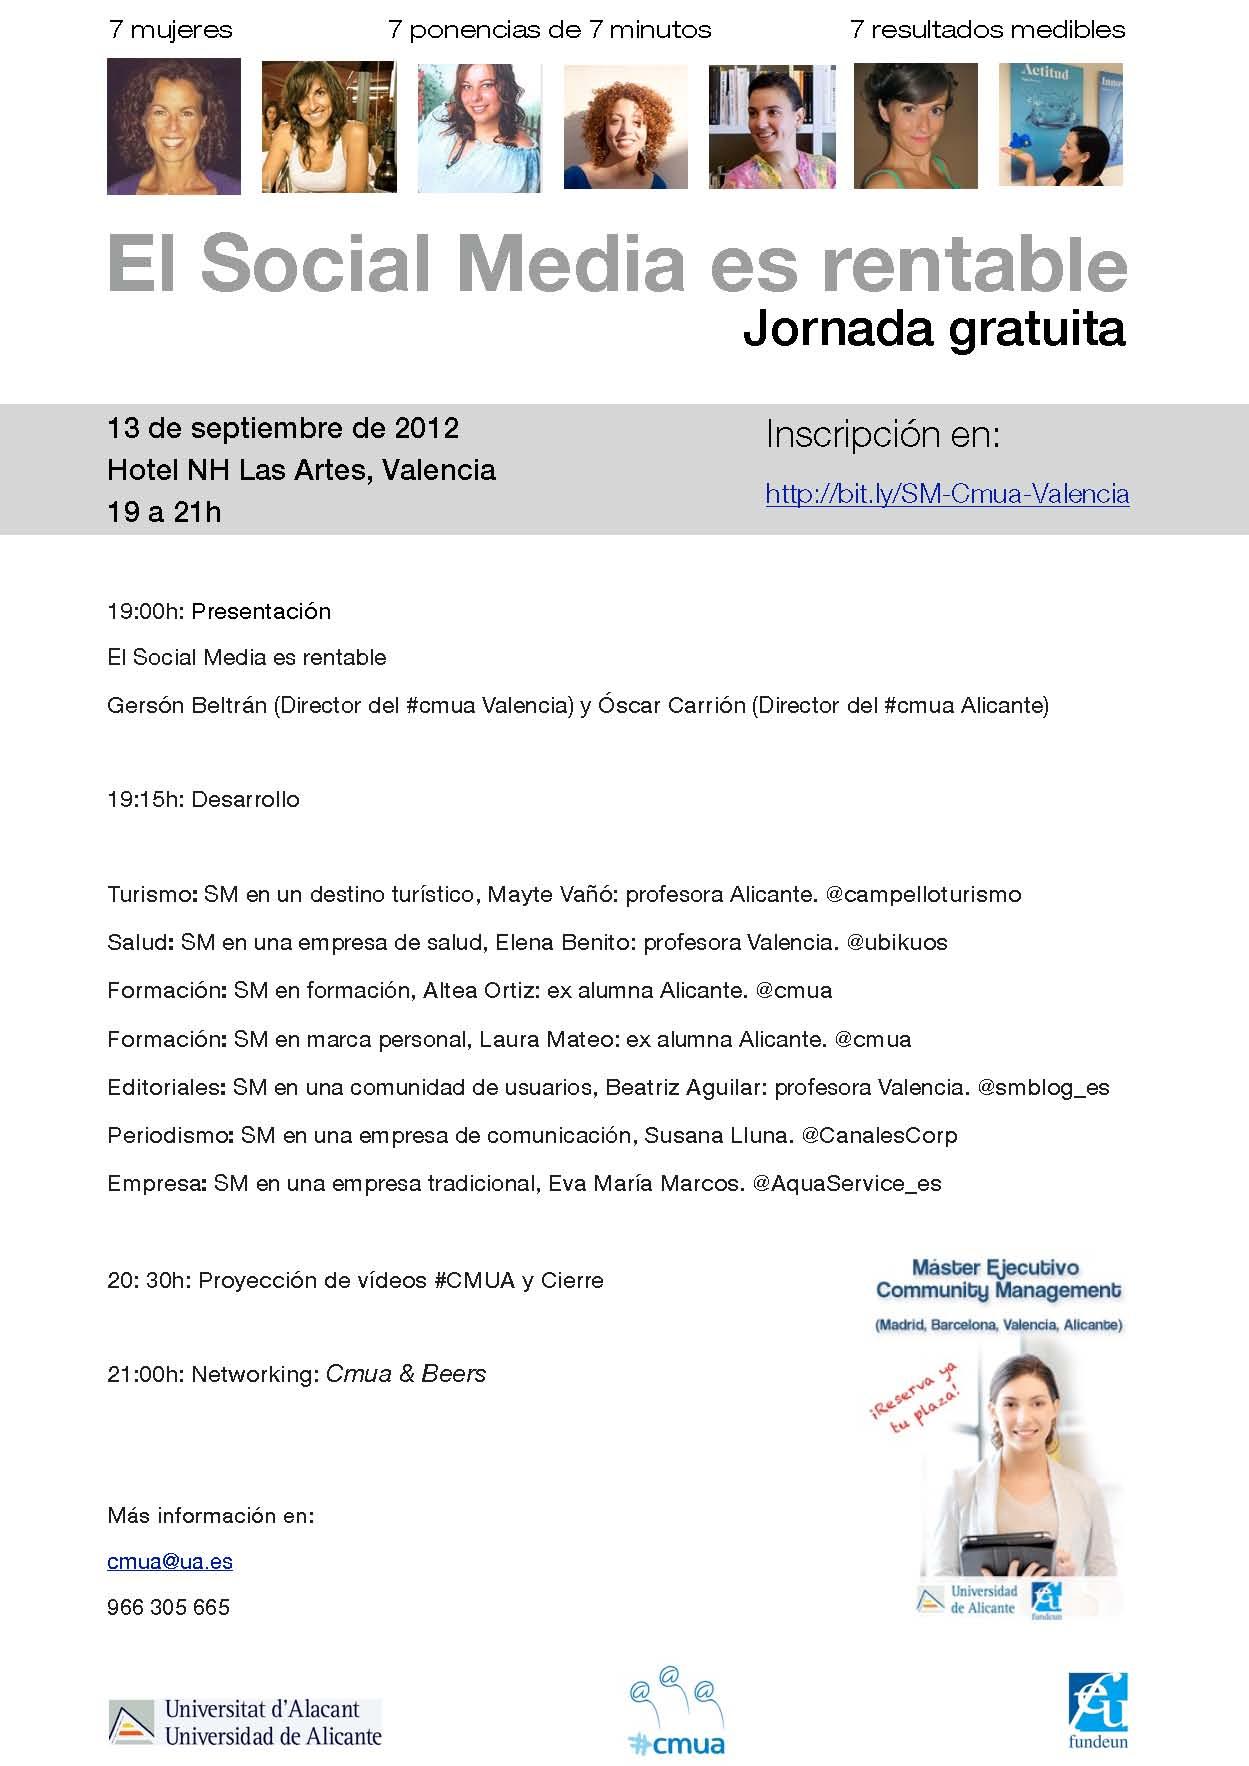 Evento cmua valencia 2012